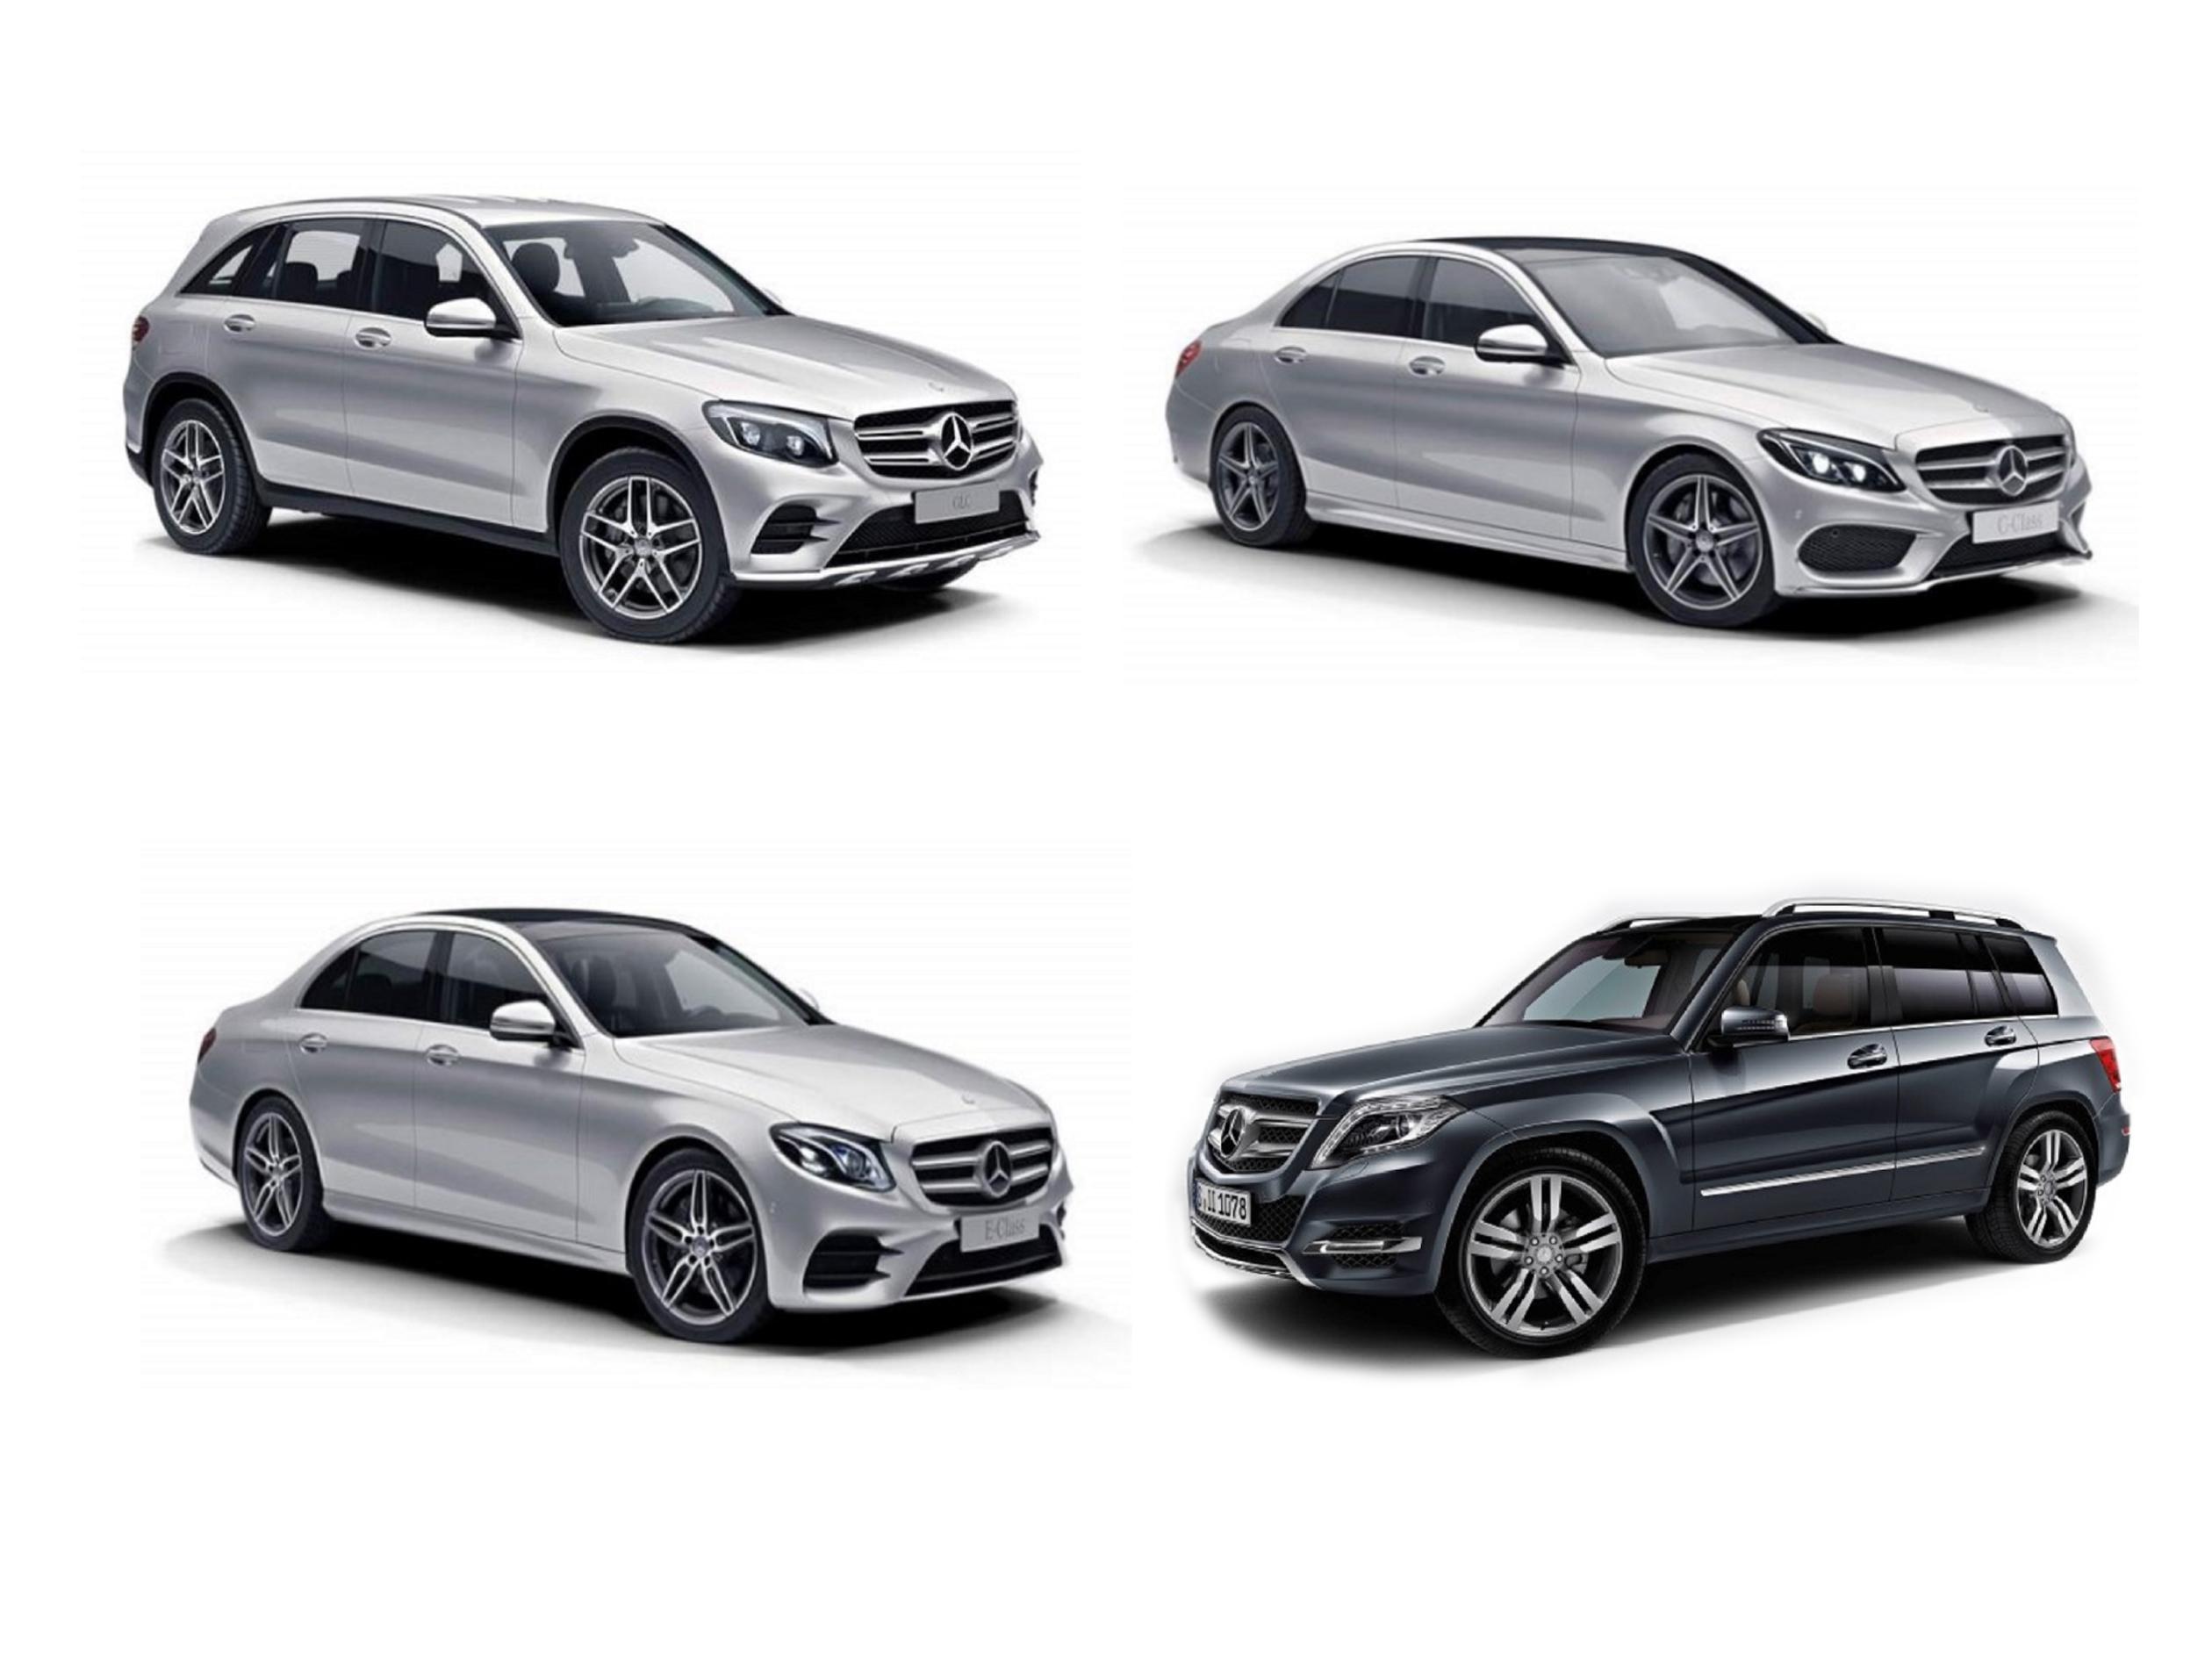 梅赛德斯-奔驰(中国)汽车销售有限公司、北京奔驰汽车有限公司及福建奔驰汽车有限公司召回部分C级、E级、GLC SUV、GLK级、CLS级、SLC级、V级、VS20 VITO汽车